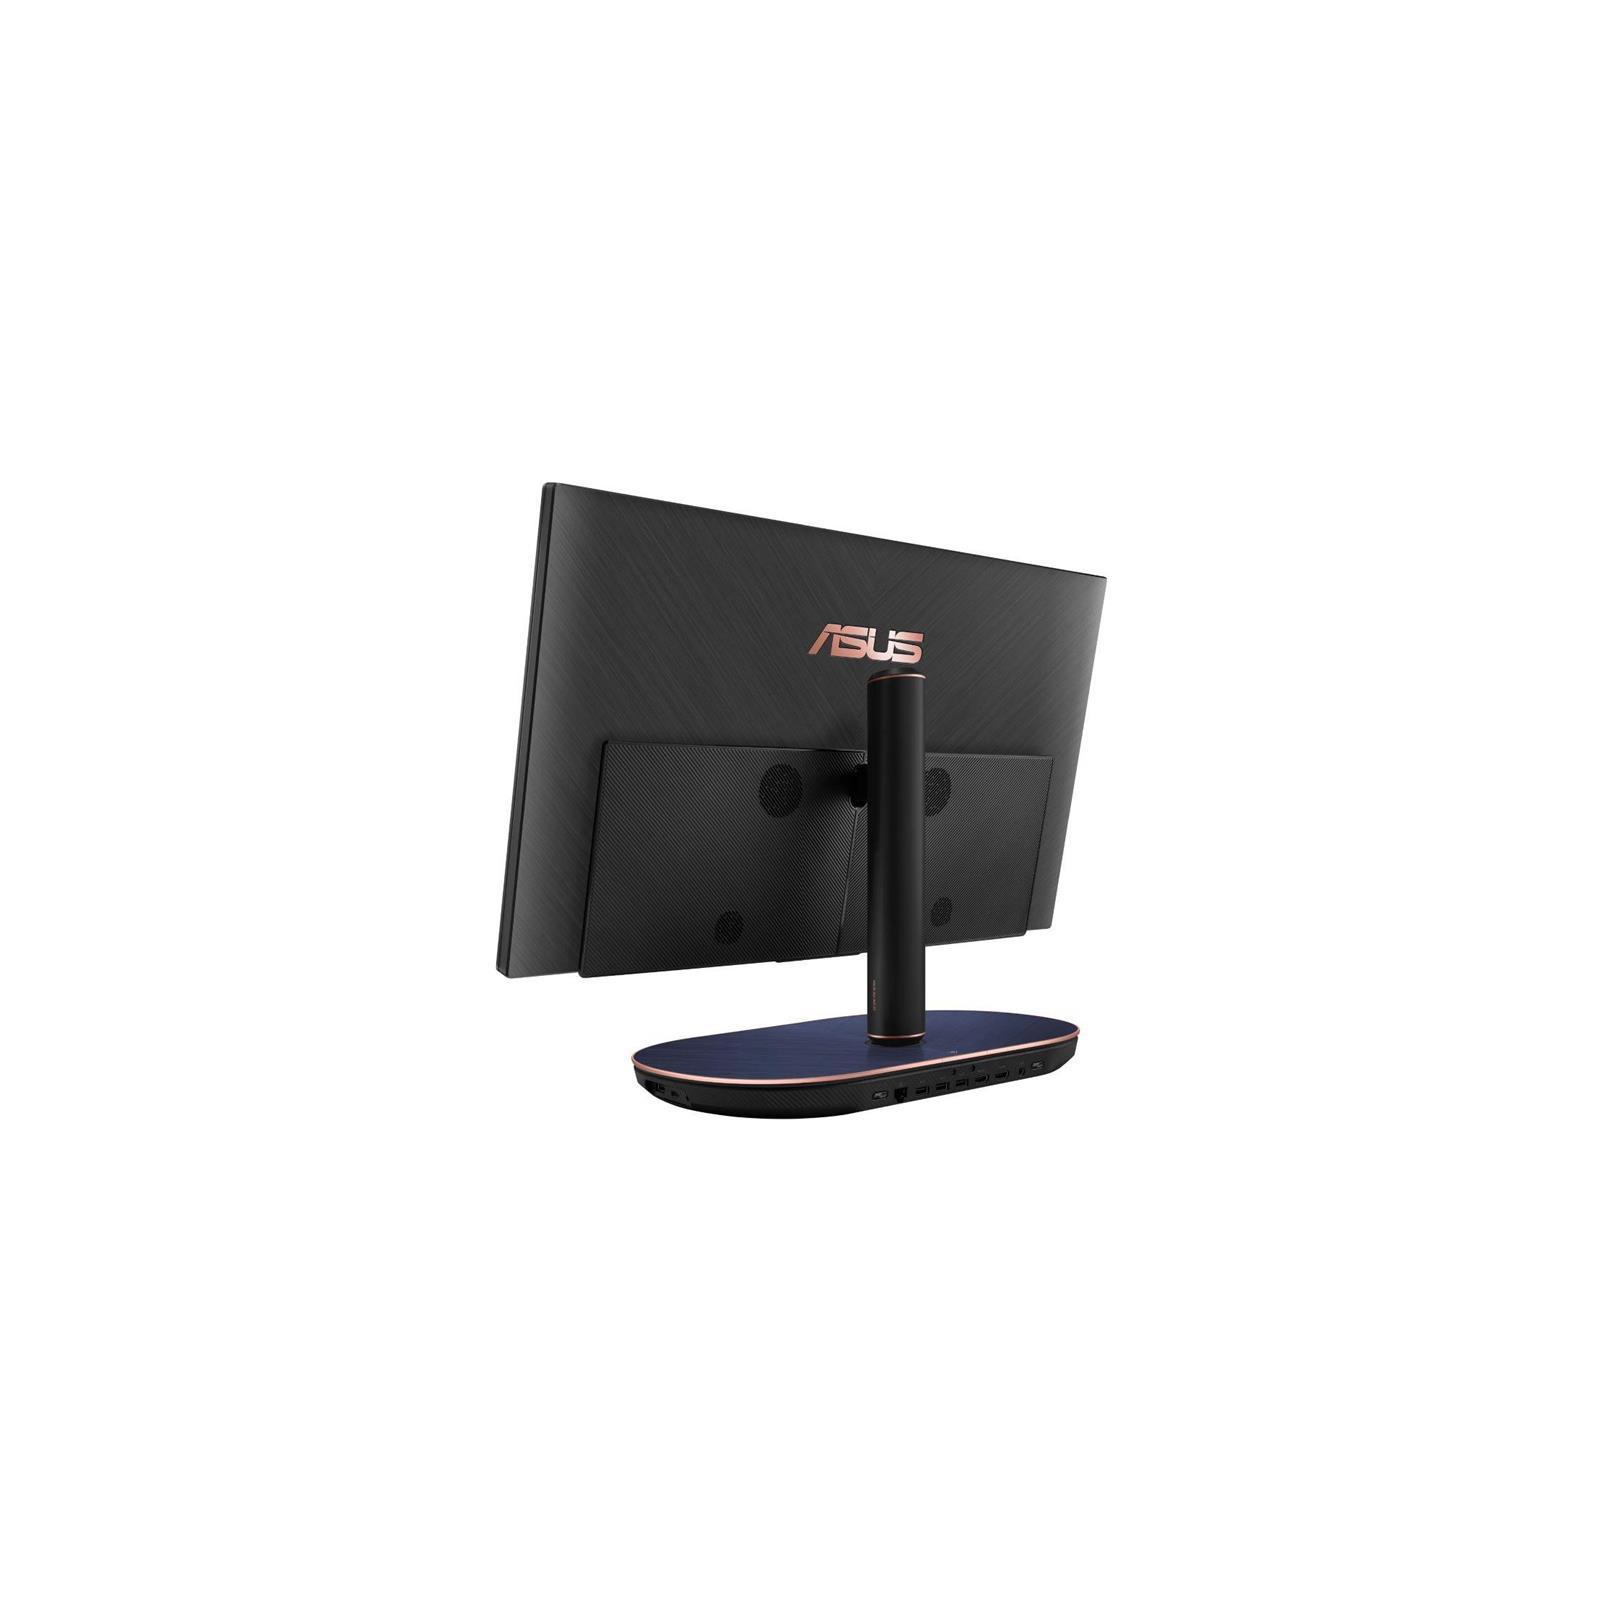 Компьютер ASUS Z272SDT-BA049T (90PT0281-M01420) изображение 7